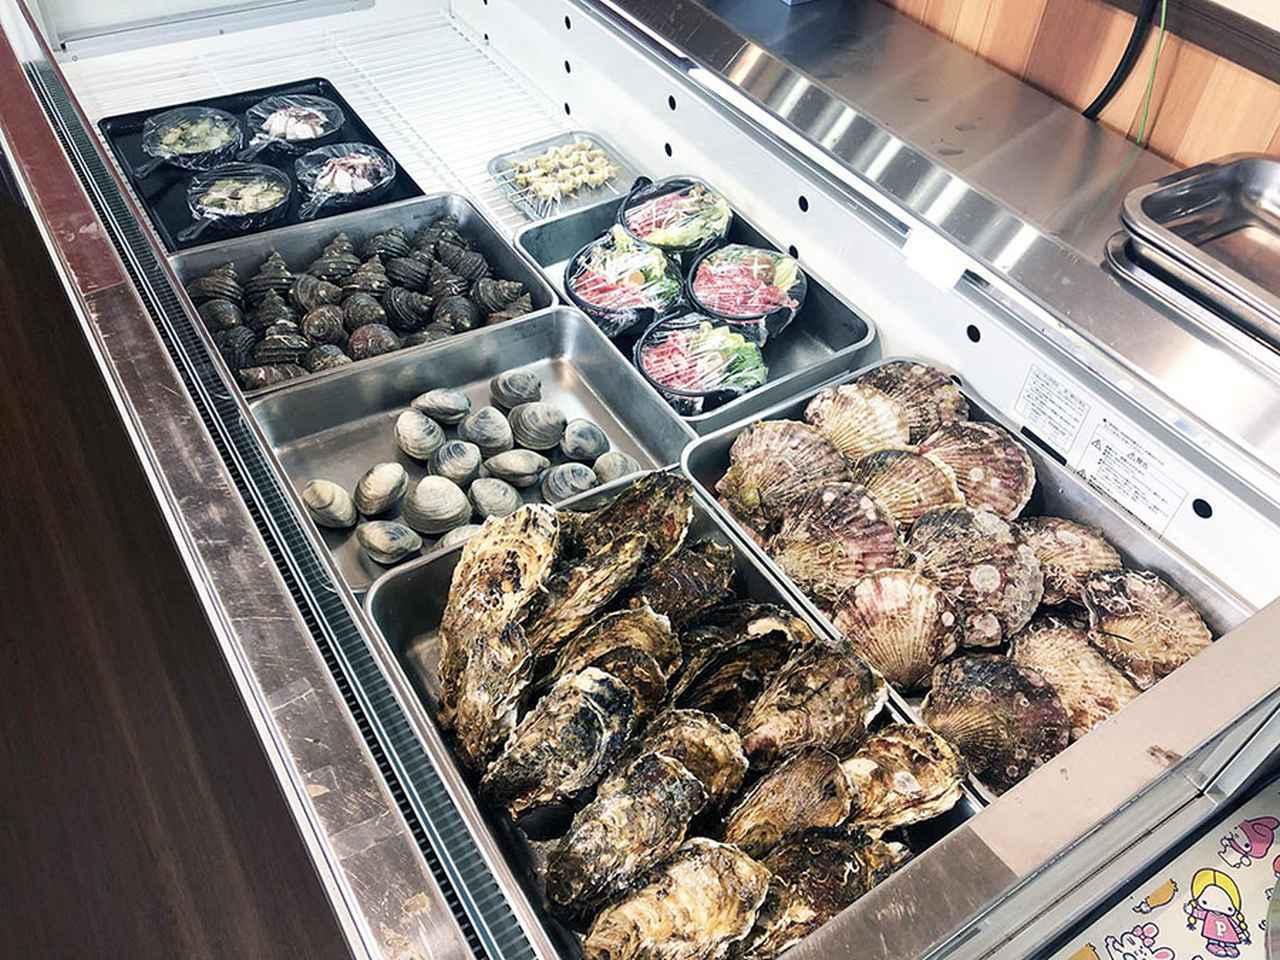 画像2: 牡蠣、ホタテ、ホヤ……新鮮な魚介類をRVパークで堪能!